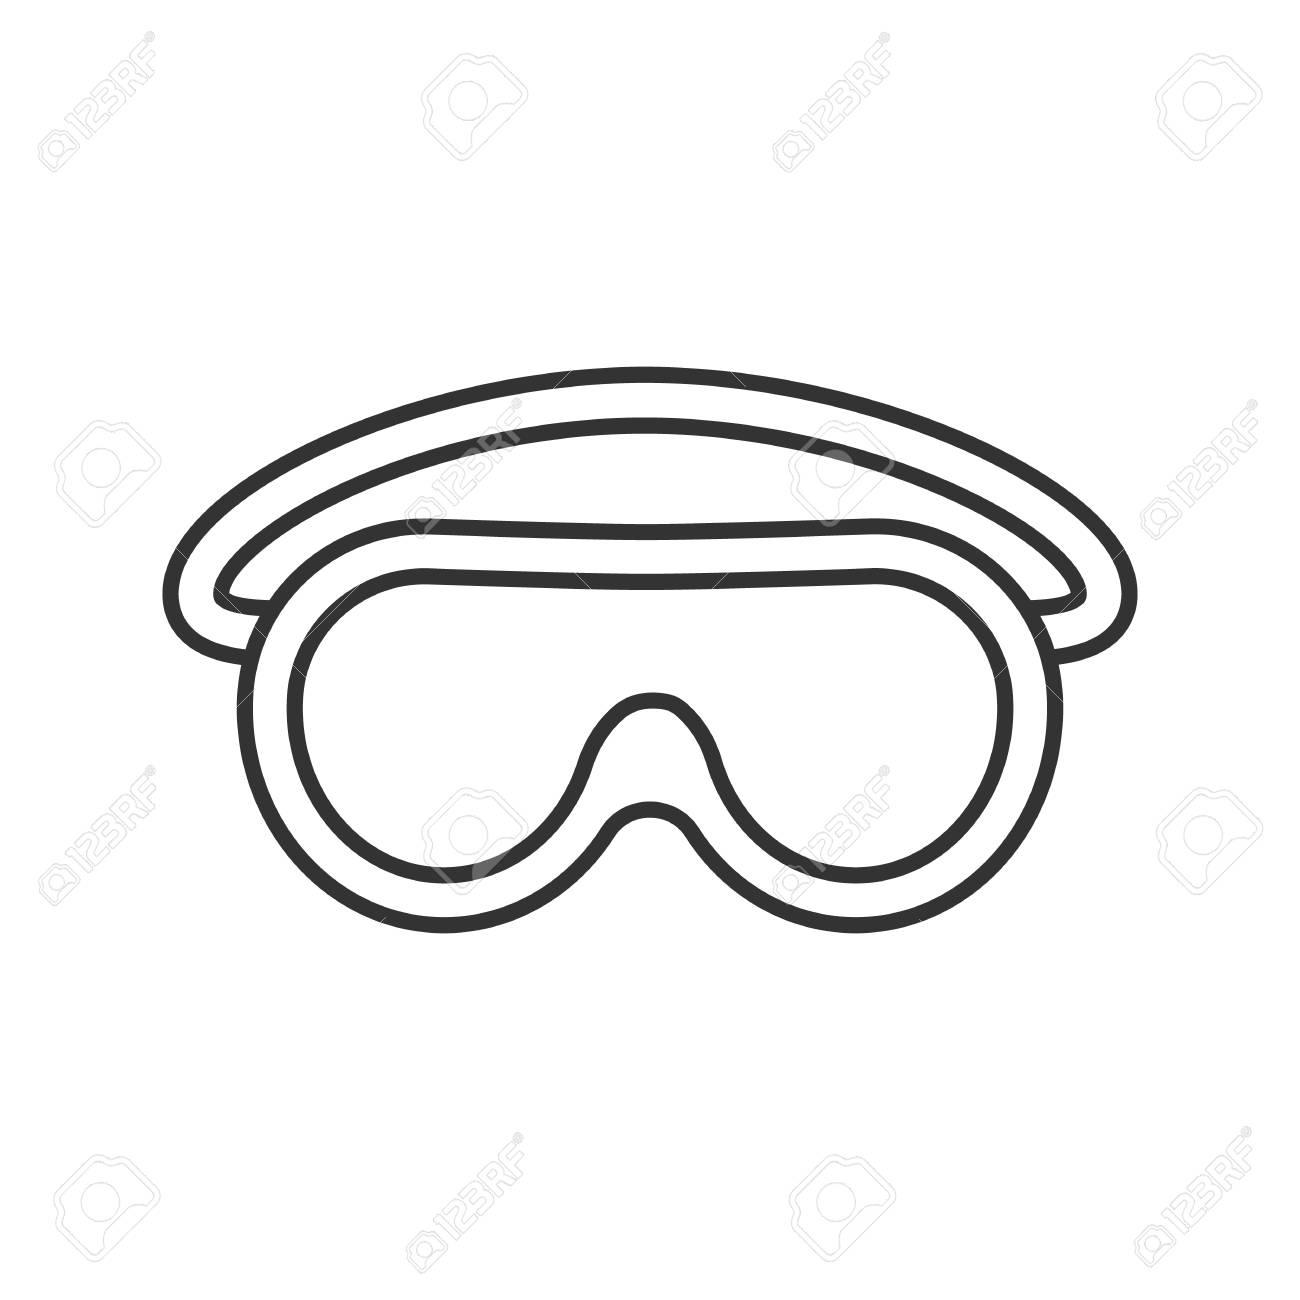 161c39dfd2428d Banque d images - Icône linéaire de lunettes. Lunettes de protection  Illustration de la ligne mince. Symbole de contour. Dessin de contour isolé  Vector